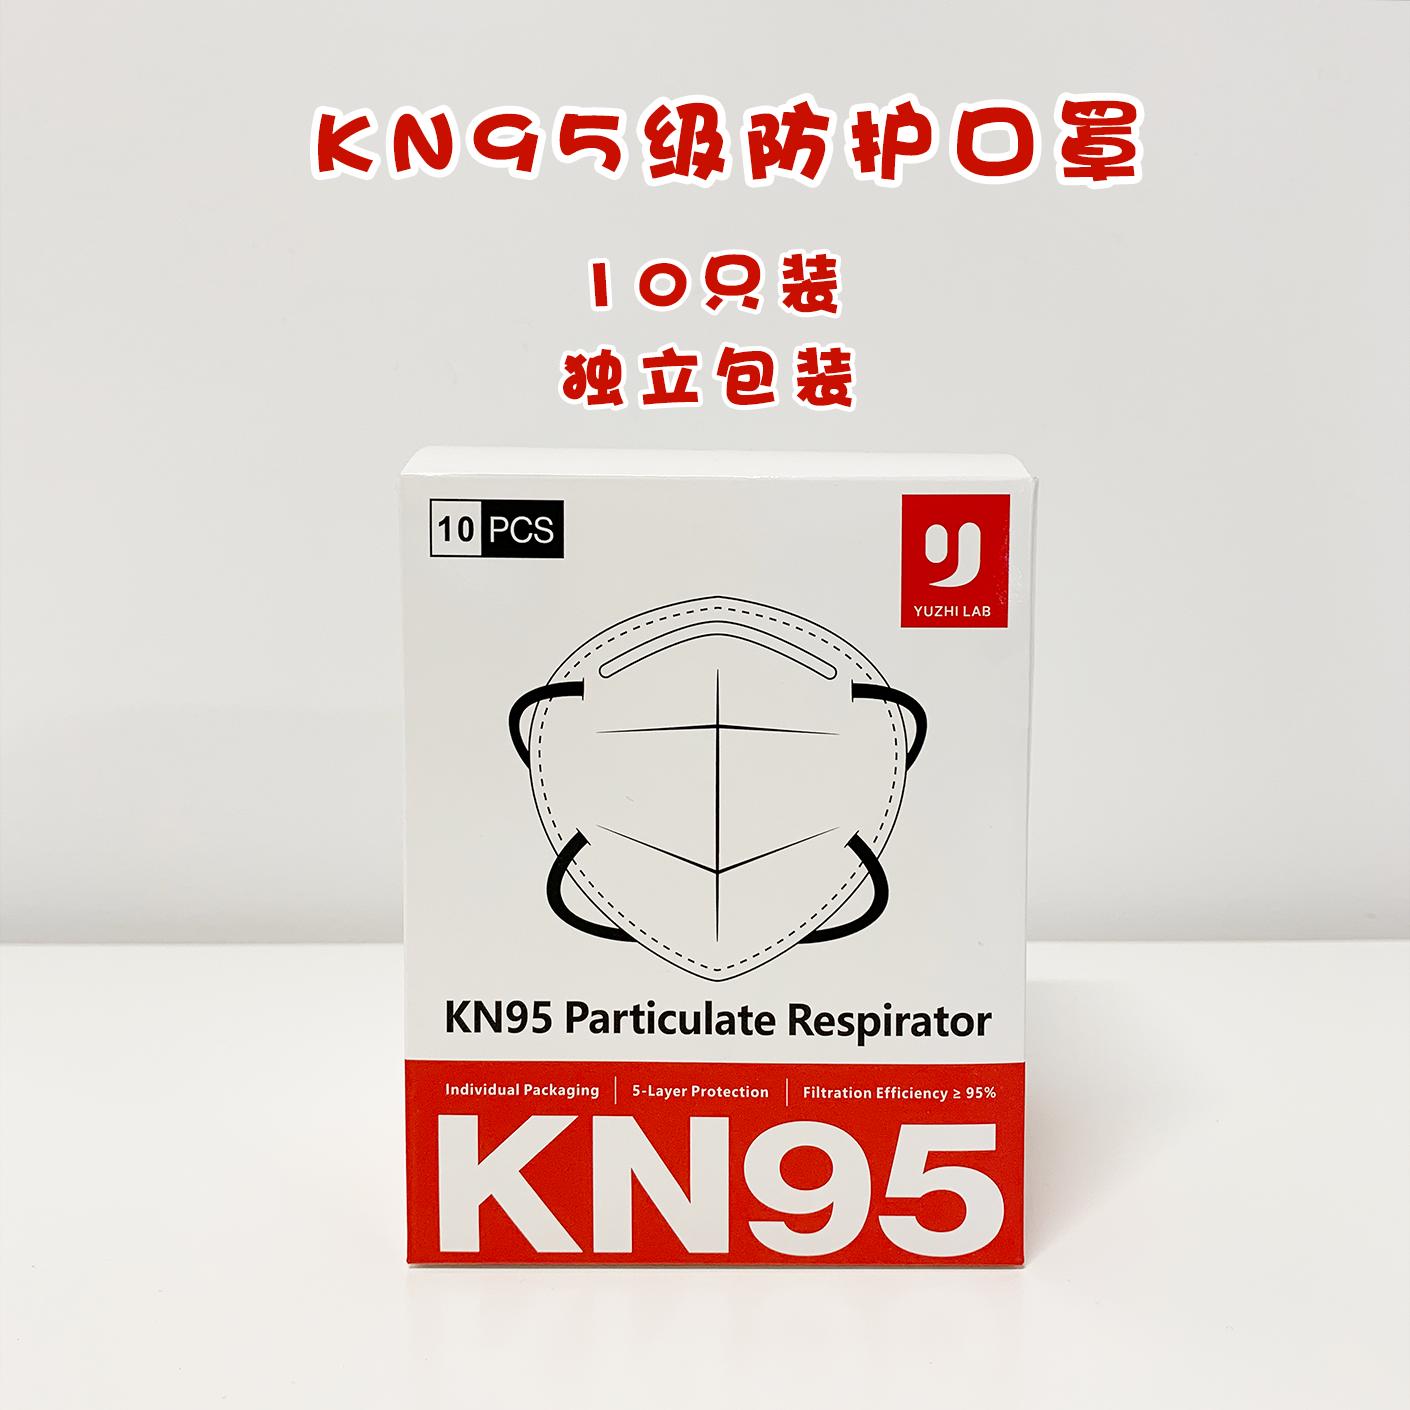 羽制实验室KN95口罩(10个/盒)出口白名单独立包装全英文